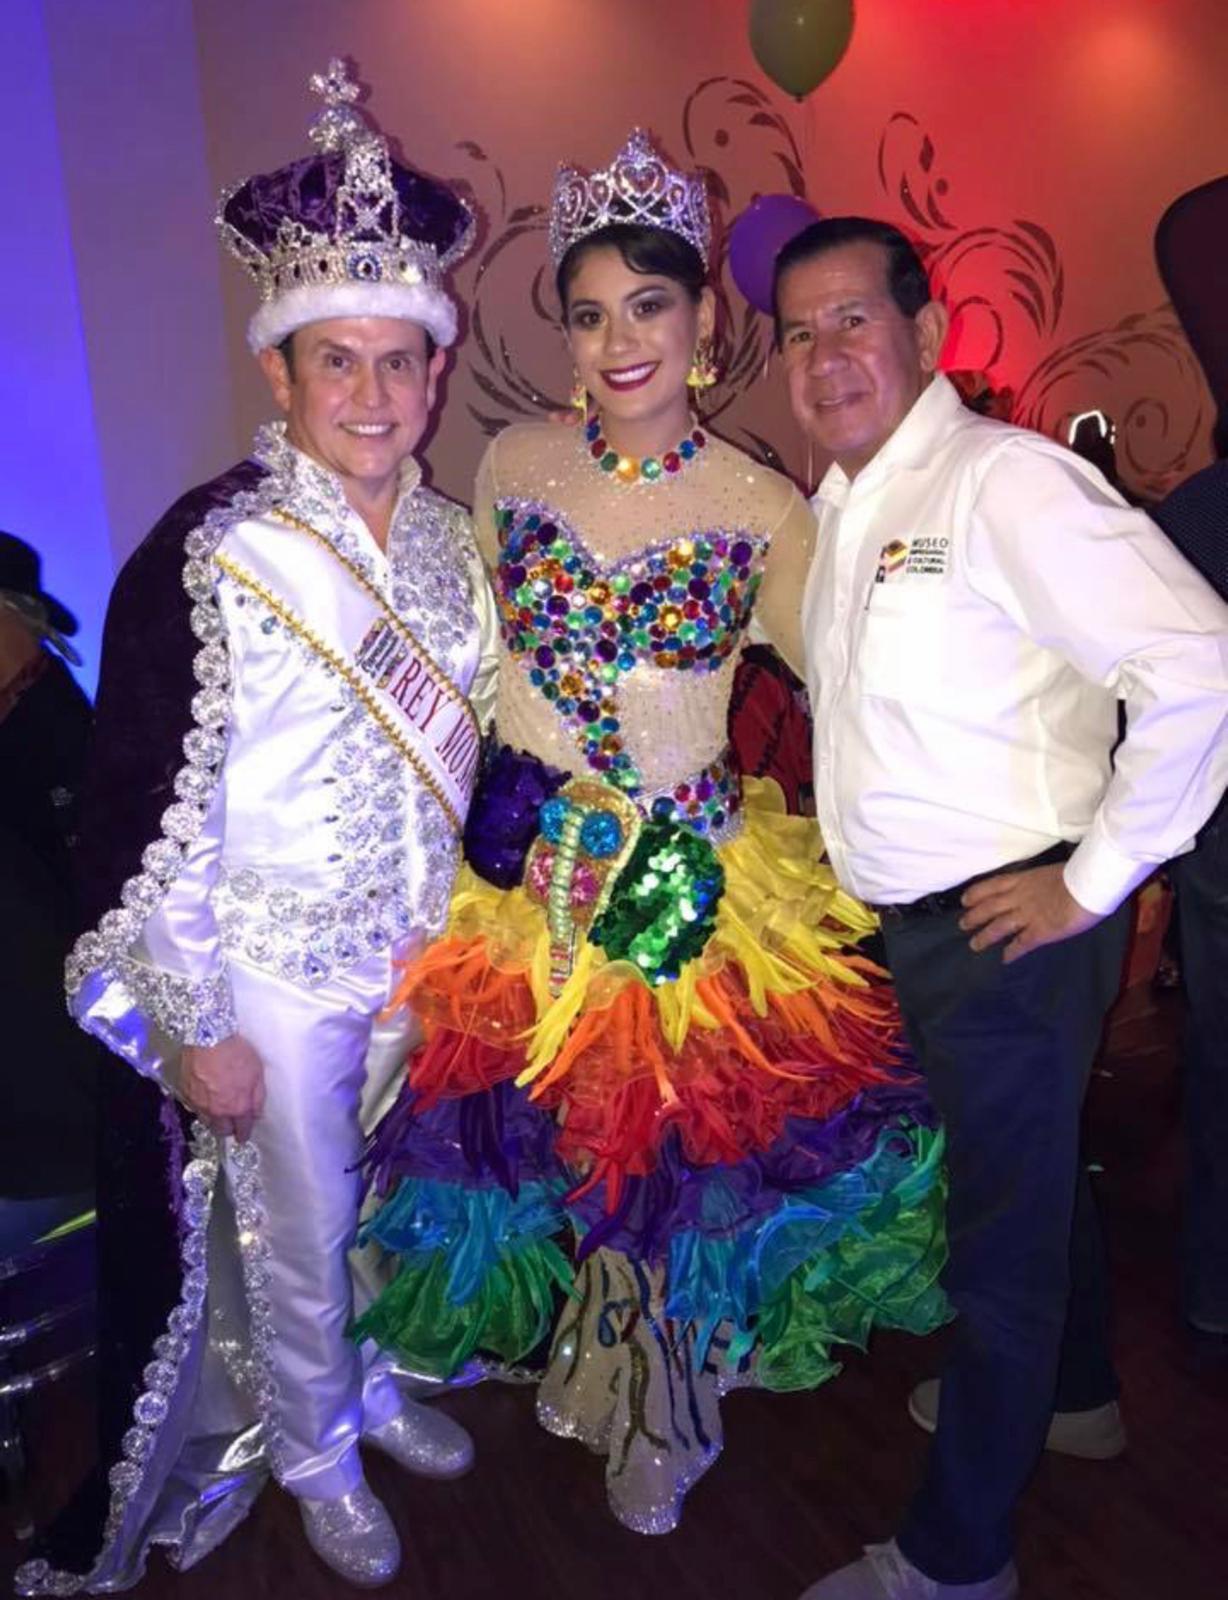 ,apoyando a nuestras Reinas y talentos Colombianos en el Exterior